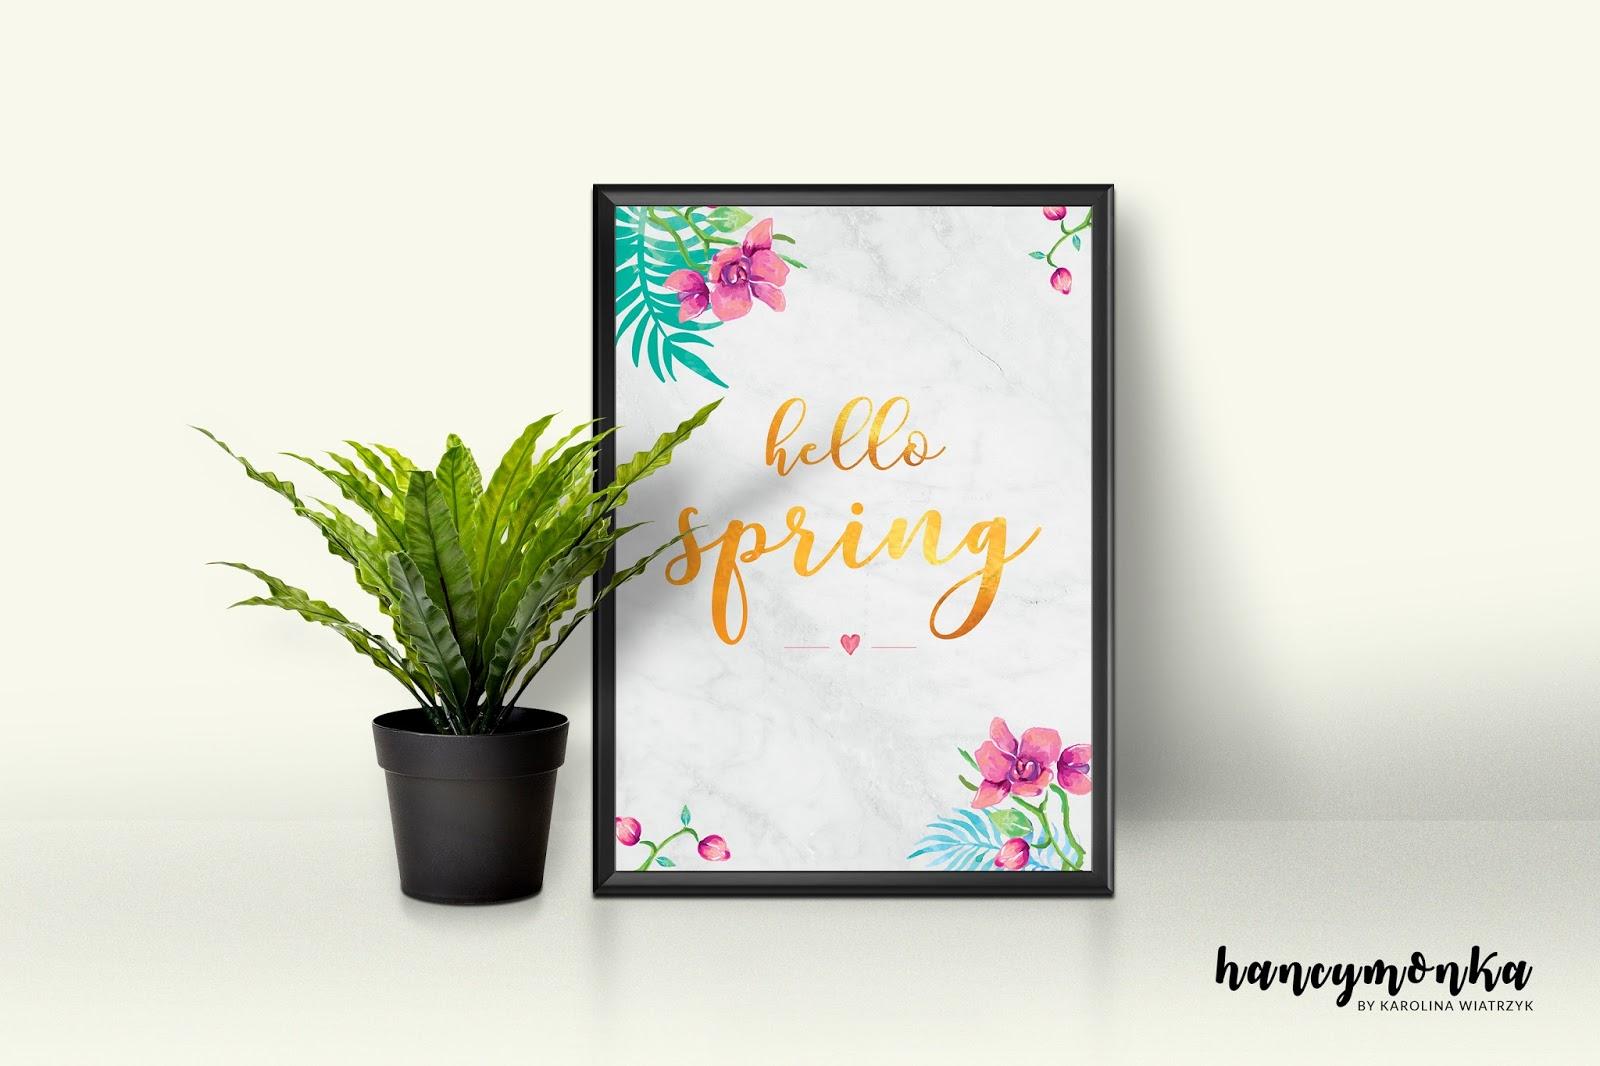 wiosna, spring, plakat, plakaty, poster, posters, do druku, printable, wydrukuj, free, freebie, hancymonka, do pobrania, wiosenne plakaty